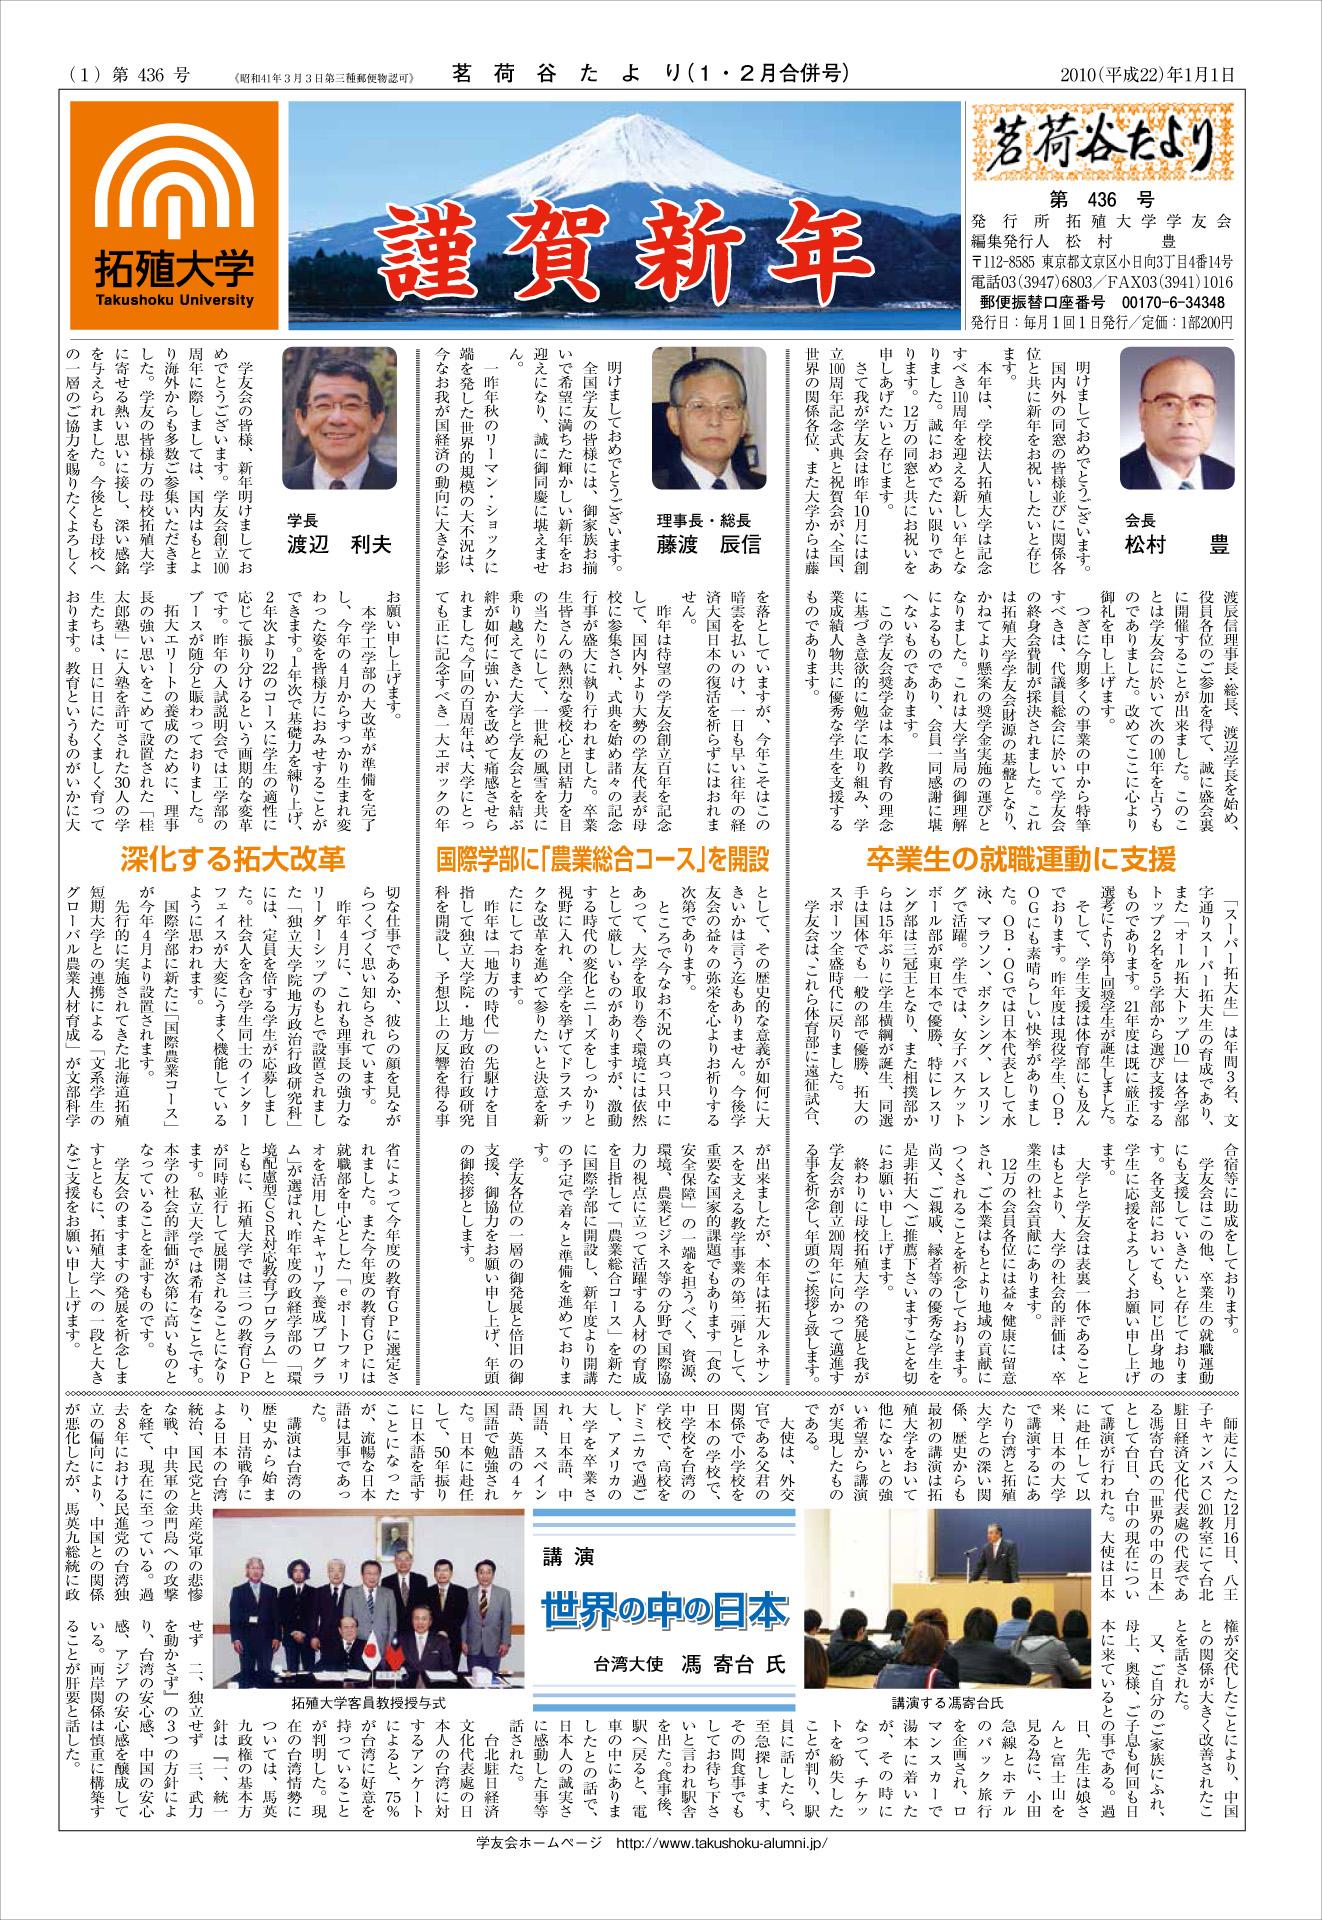 茗荷谷たより1・2月合併号(第436号)表紙